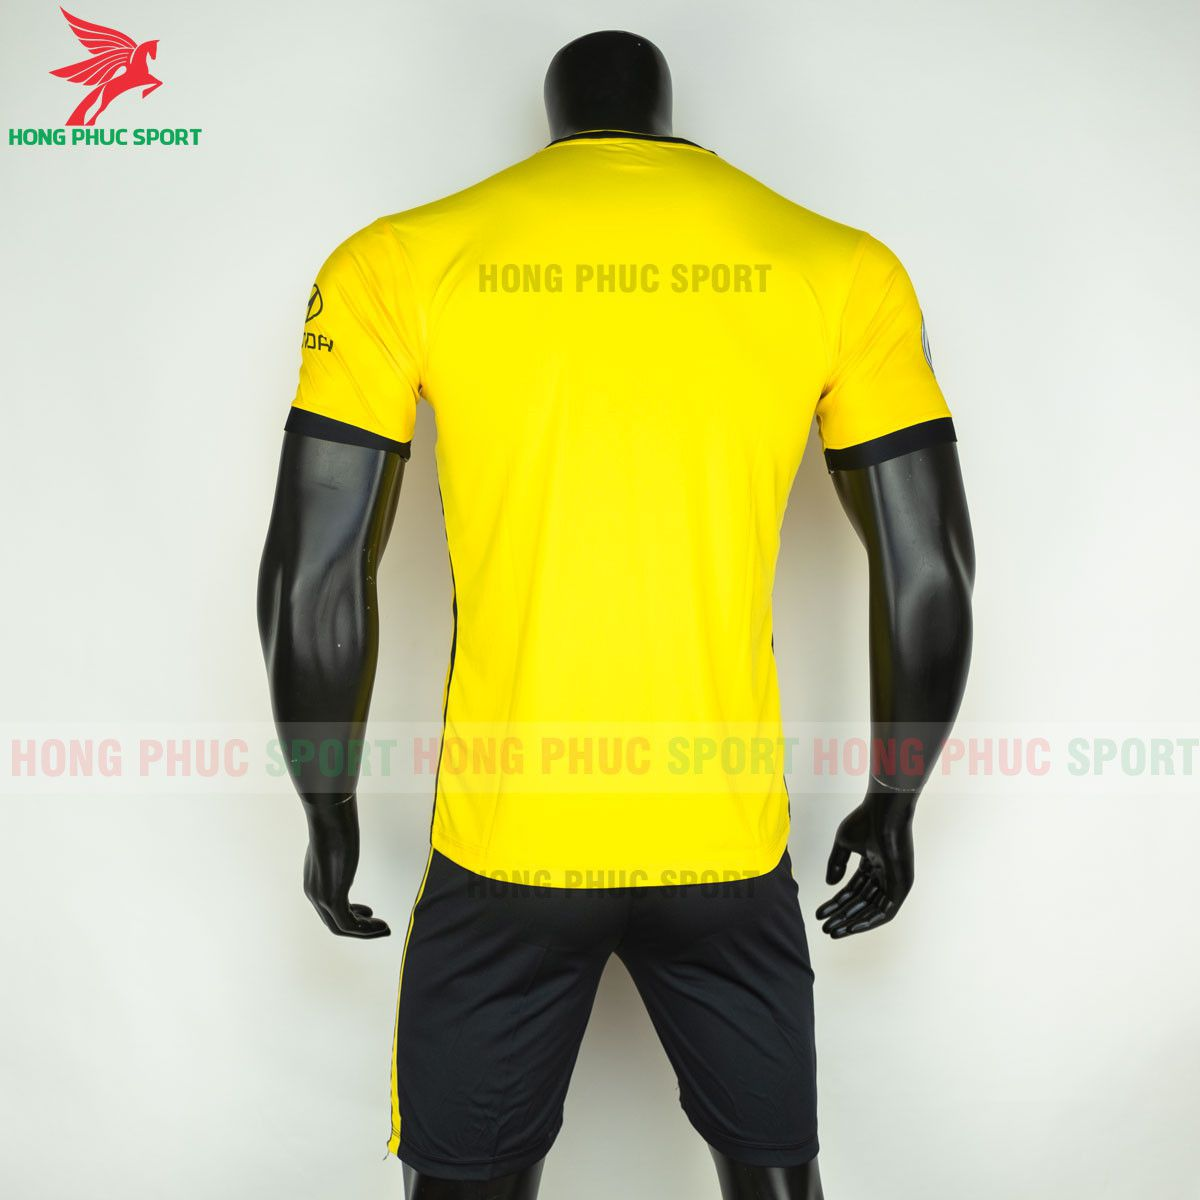 https://cdn.hongphucsport.com/unsafe/s4.shopbay.vn/files/285/ao-bong-da-chelsea-2021-2022-san-khach-8-60d3058e21dd9.jpg